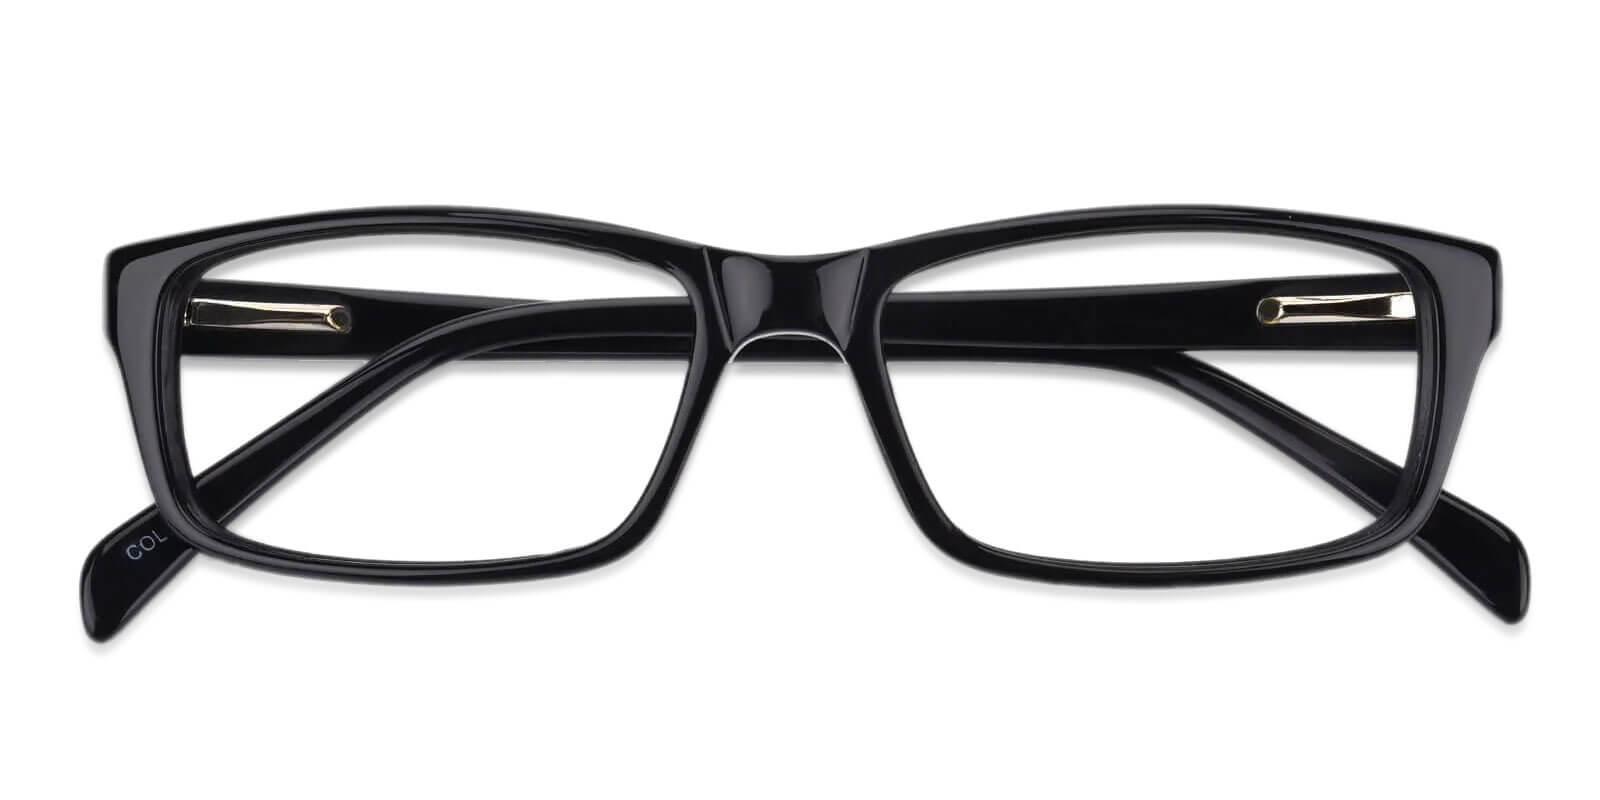 Charleston Black Acetate Eyeglasses , SpringHinges , UniversalBridgeFit Frames from ABBE Glasses